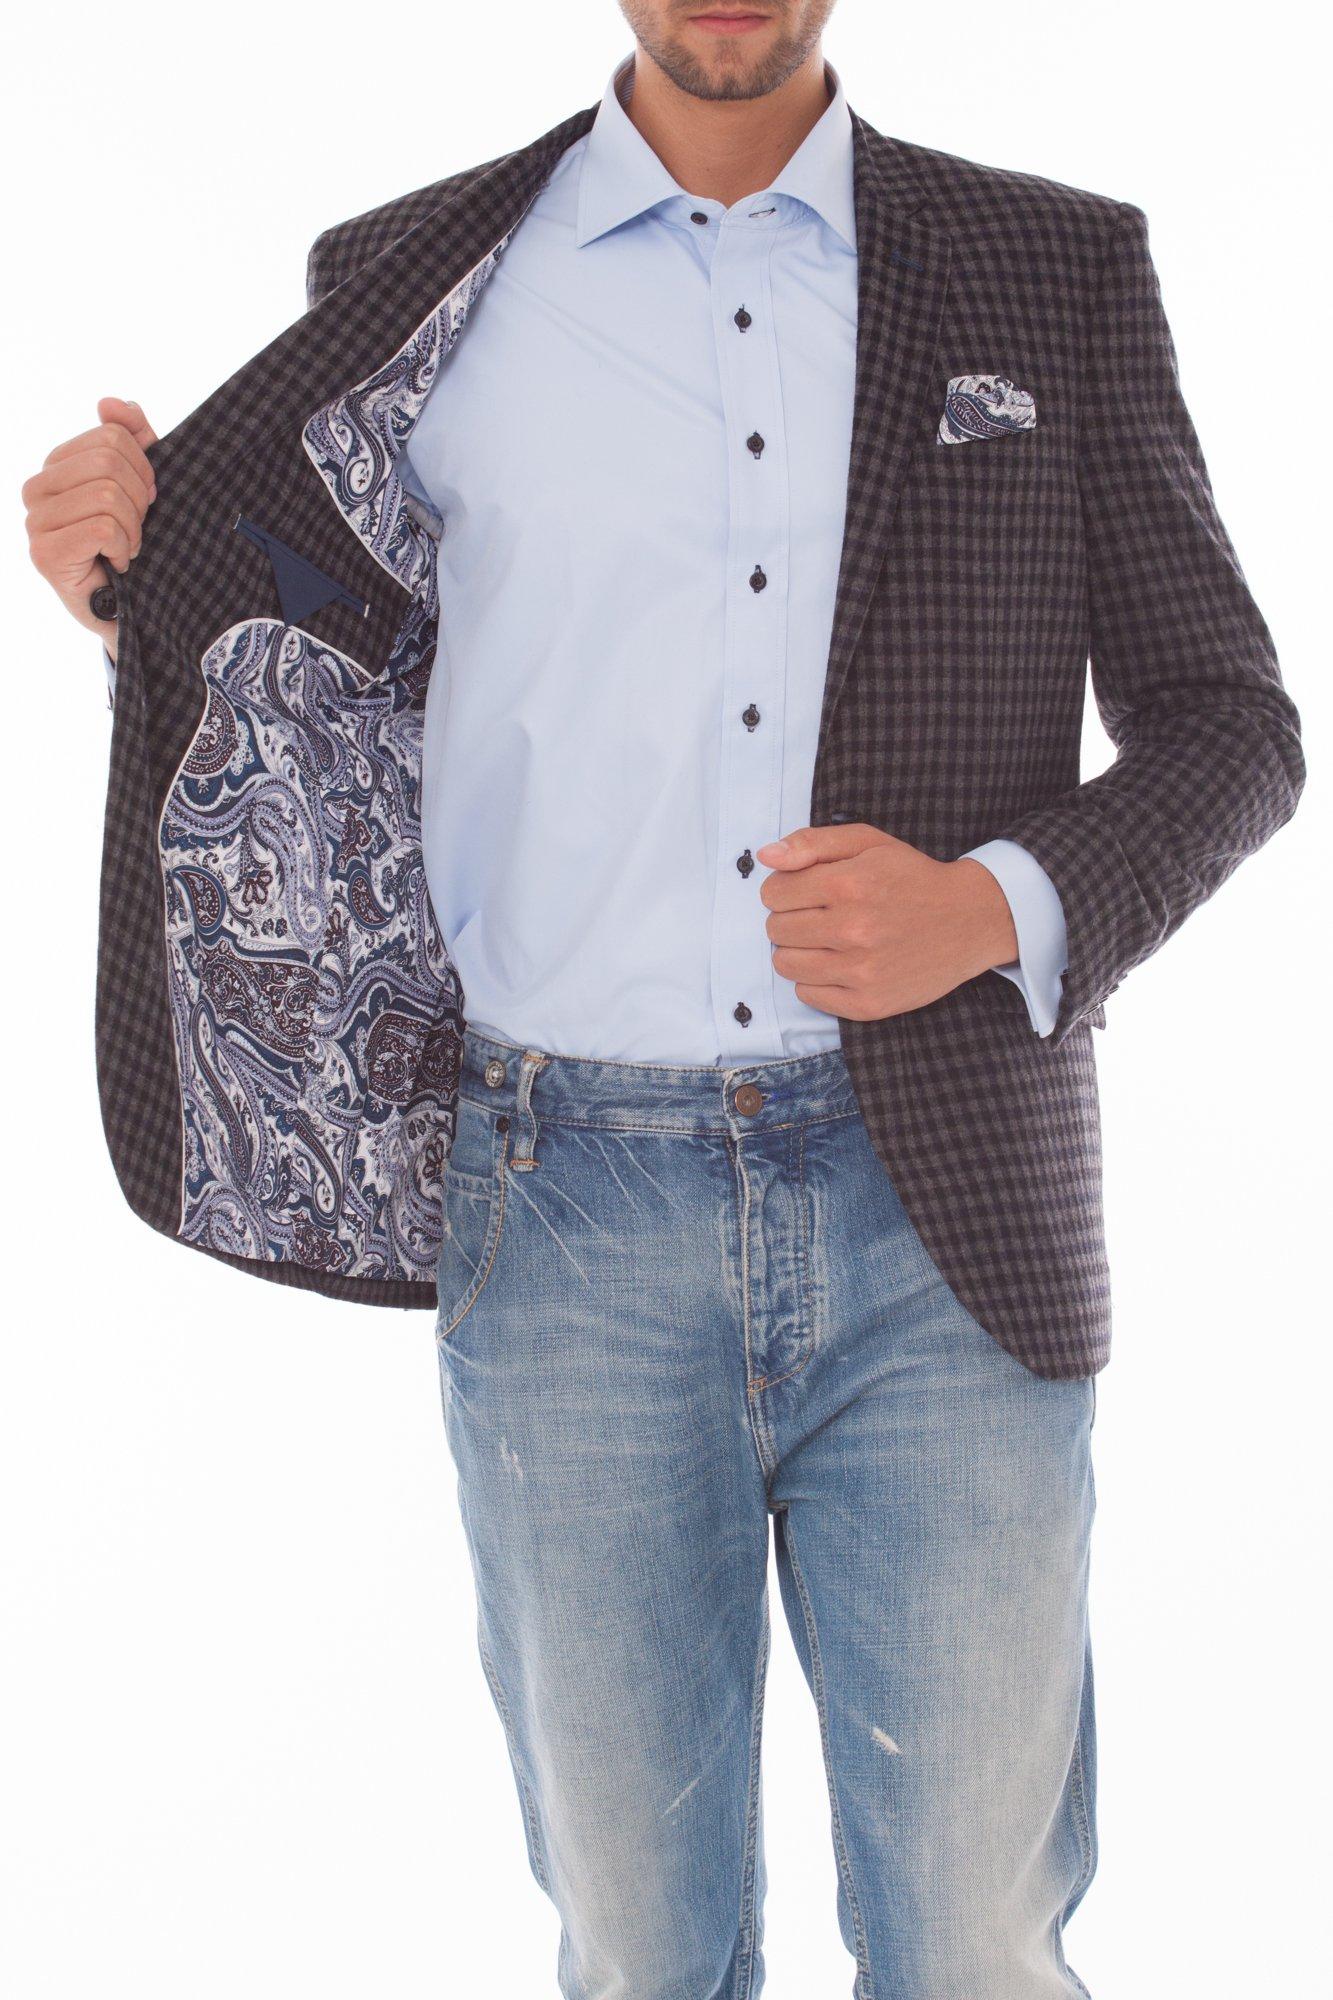 Sacou barbati gri cu patratele bleumarin marca Grazie Filipeti